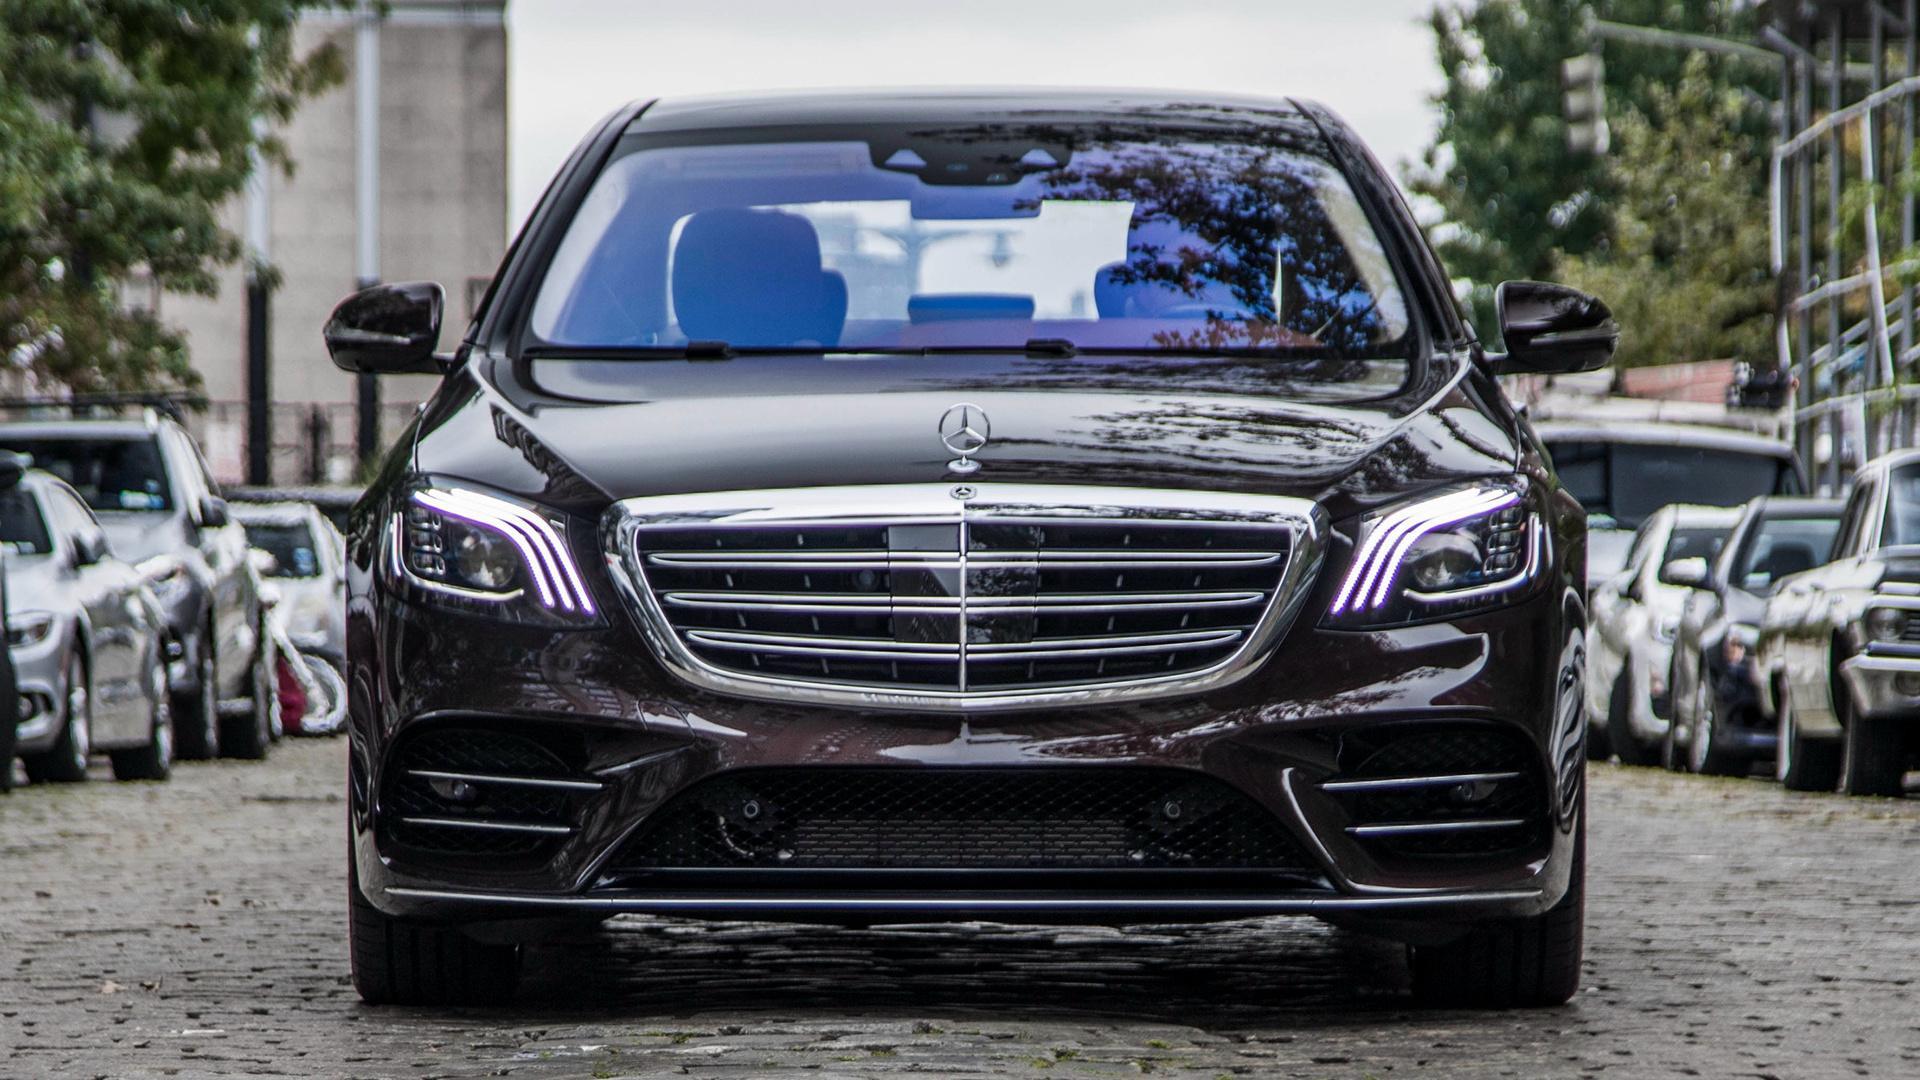 Mercedes Benz S Class Hd Wallpapers 1080p   Biajingan Wall